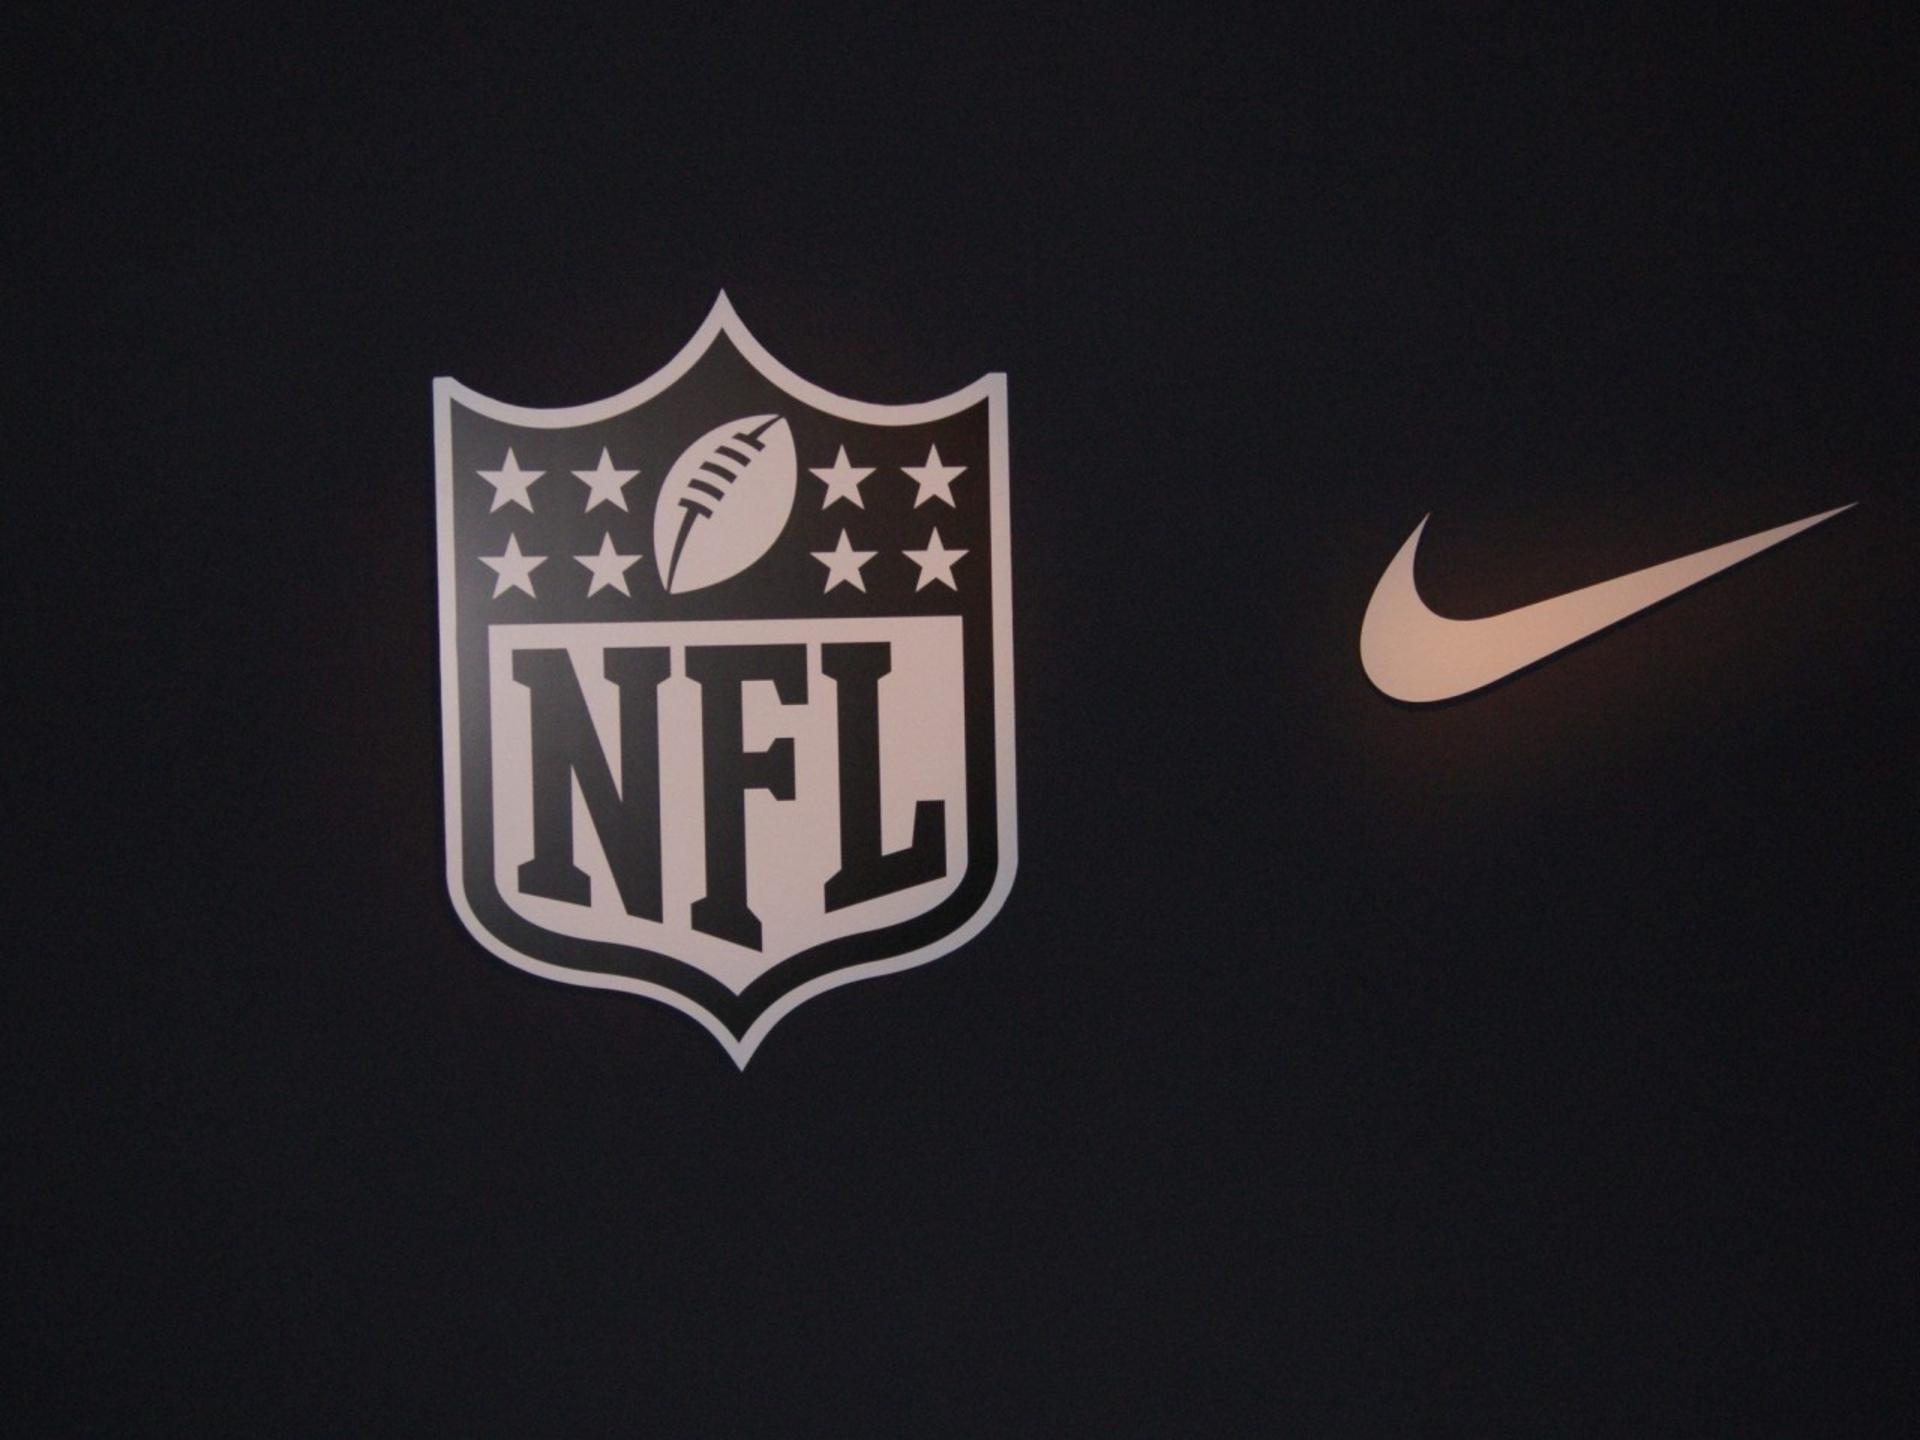 Wallpaper Nike Football Wallpapersafari